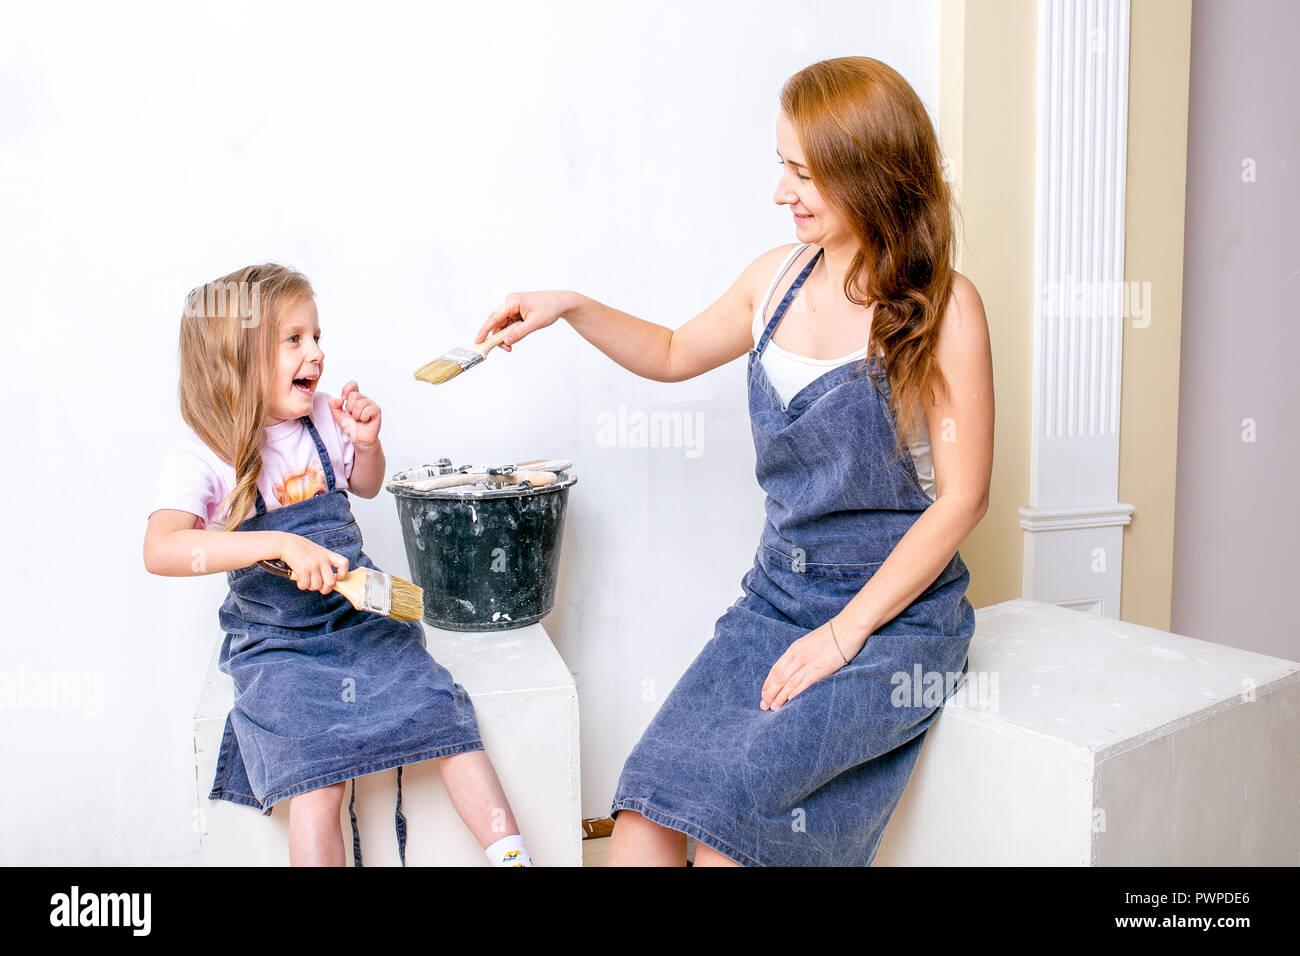 Reparaciones En El Apartamento Familia Feliz Madre E Hija En